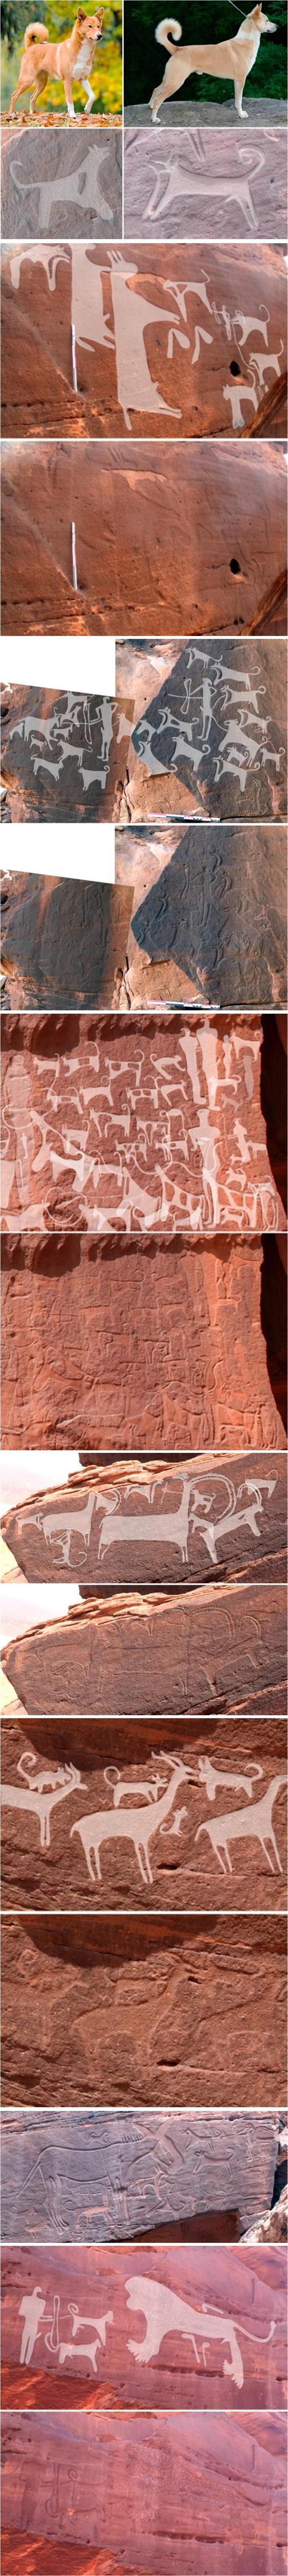 بالصور اكتشاف أثري في صحراء حائل نقوش صخرية تُوثق علاقة البشر والكلاب منذ 8 آلاف 75217fa9-97c3-4813-9